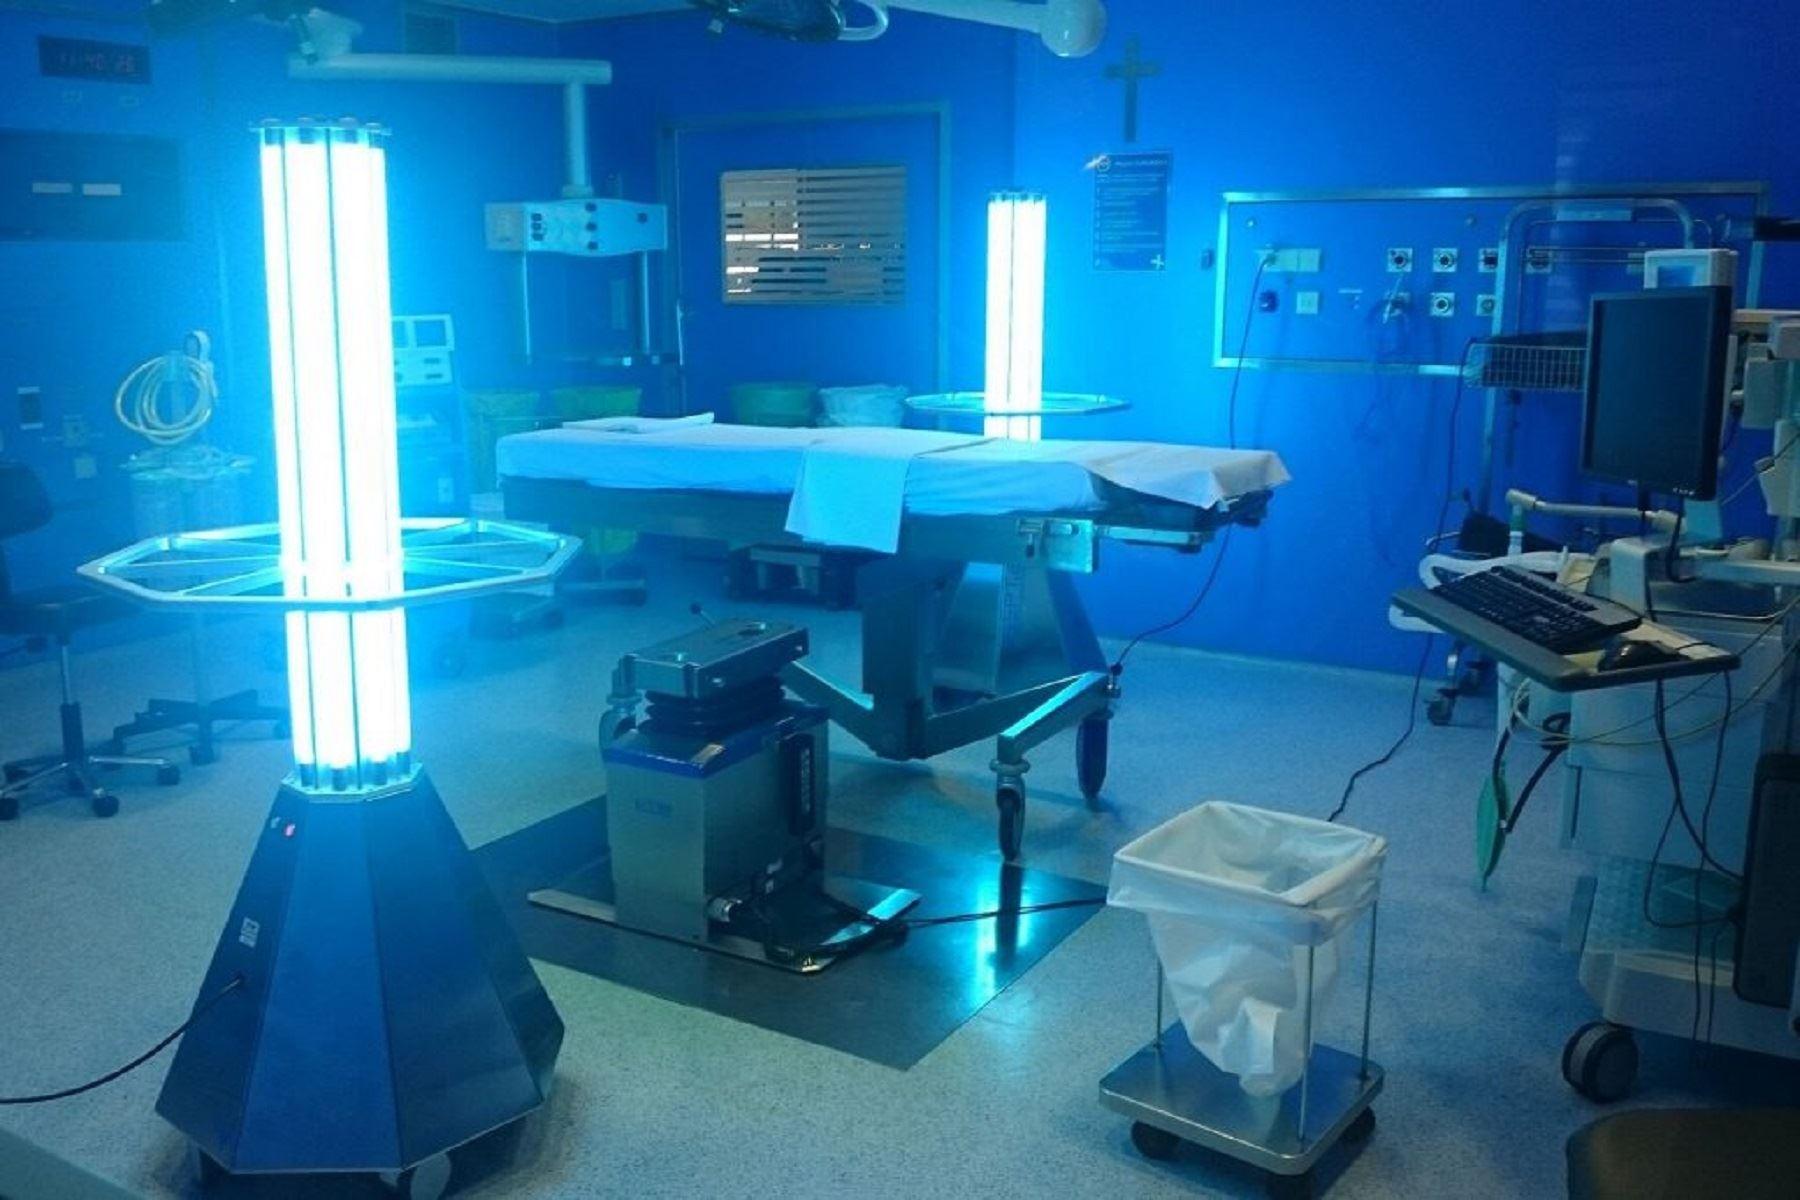 Investigadores de la  Universidad San Marcos crearán equipo para reducir contagios con covid-19 en ambientes de INEN